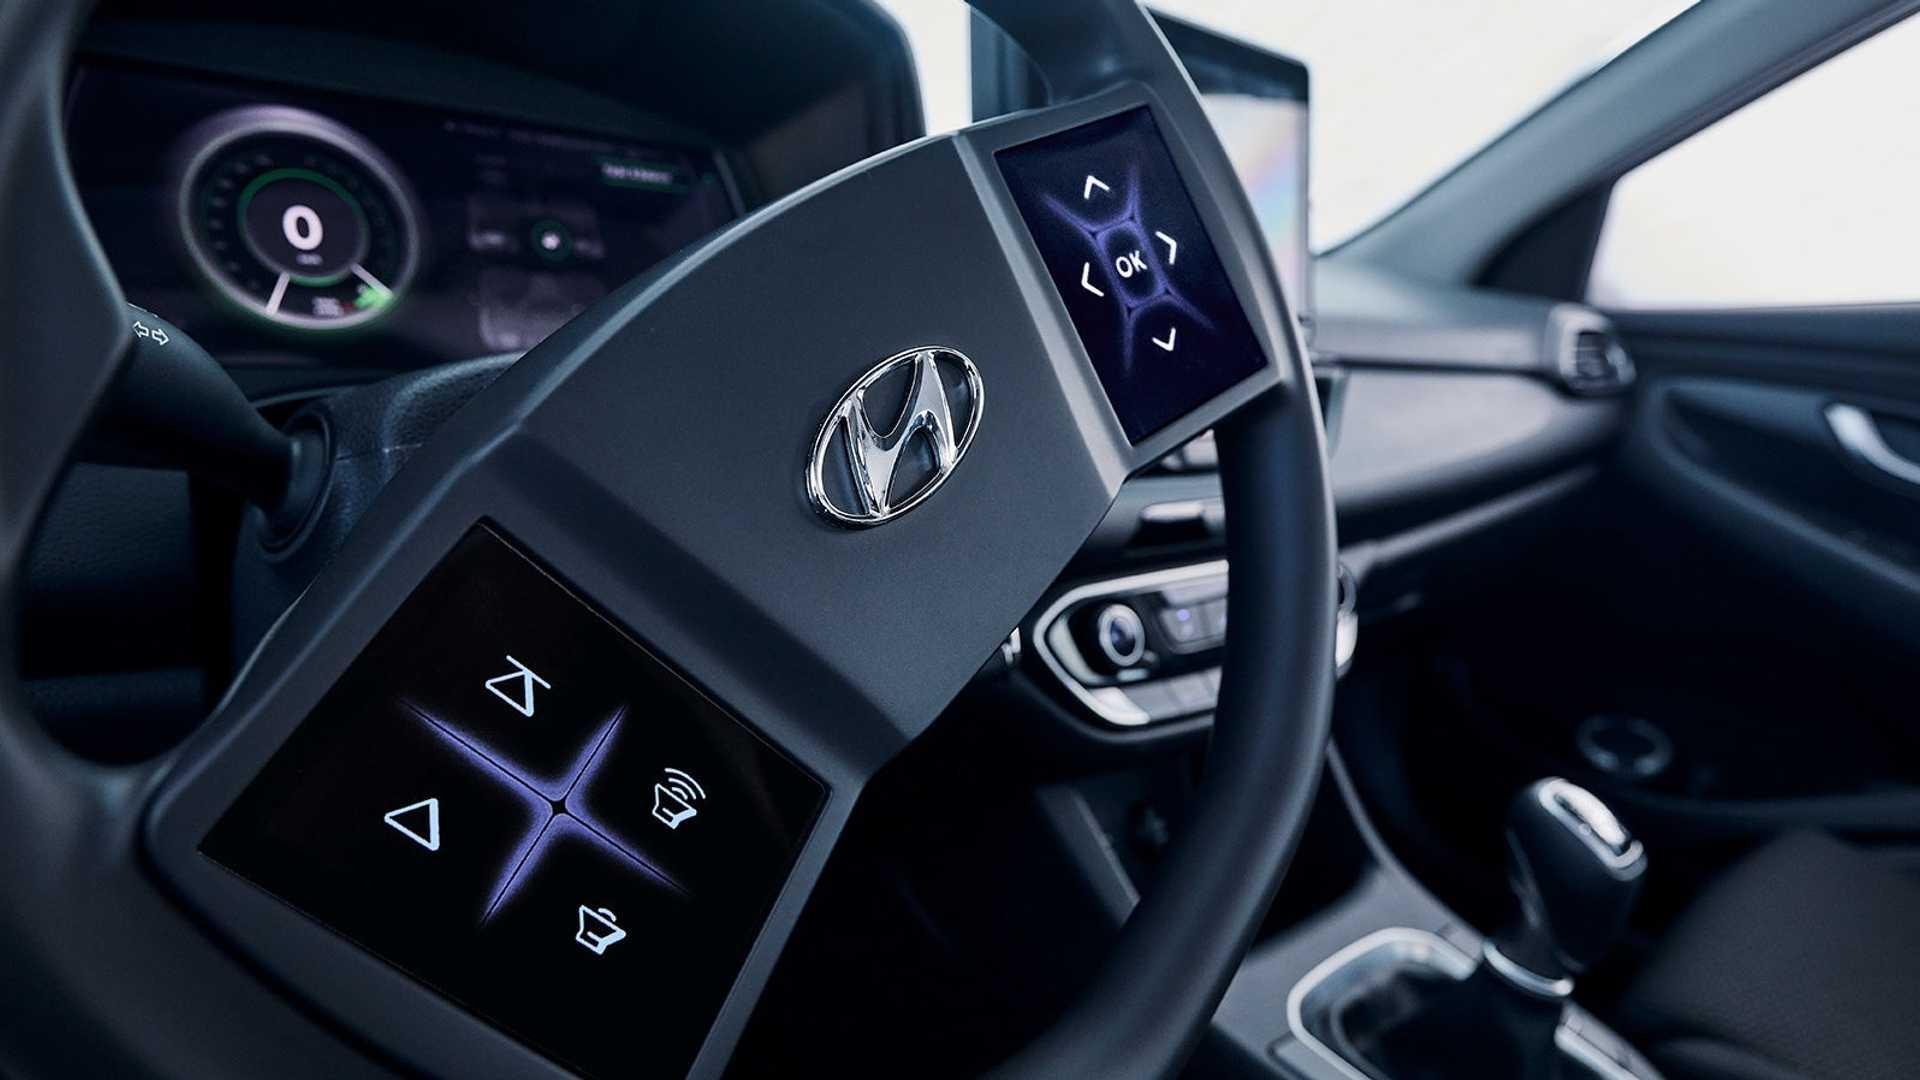 Hyundai smatra da su displeji osetljivi na dodir na volanu dobra ideja